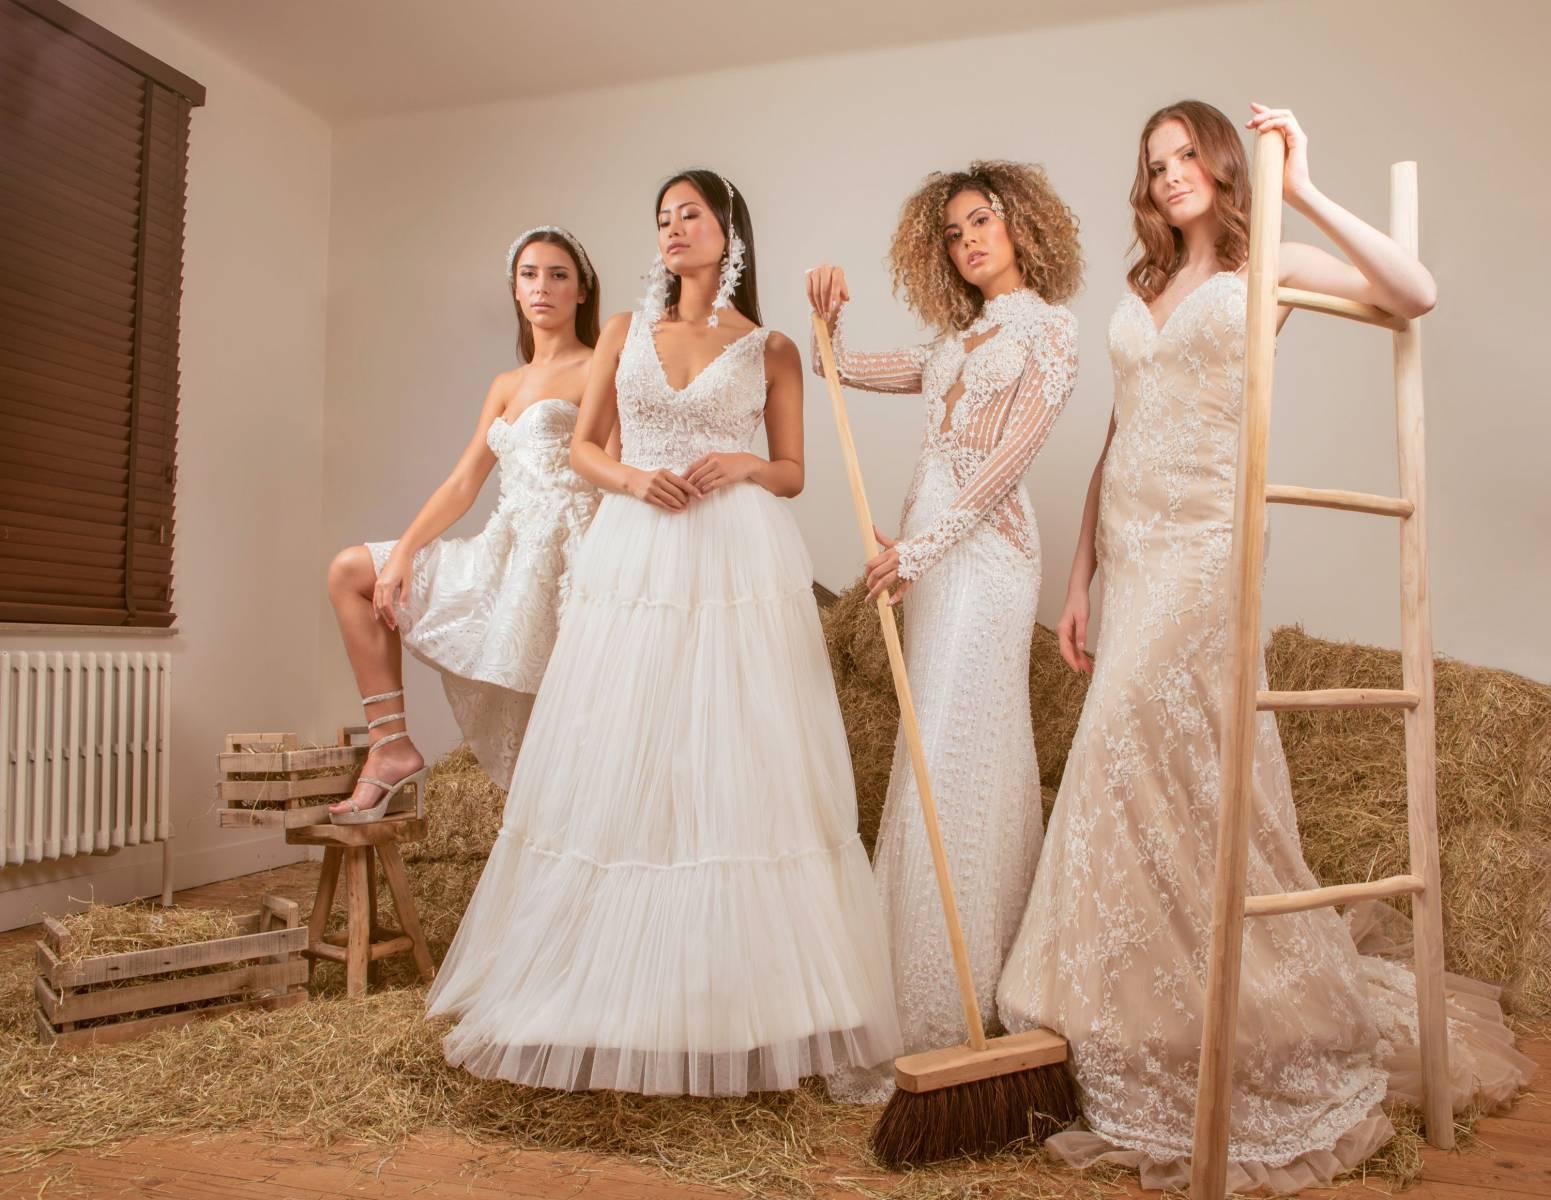 Atelier ExC - Trouwjurken - Bruidsjurken - Bruidswinkel - Bruidsmodewinkel - House of Weddings - 258